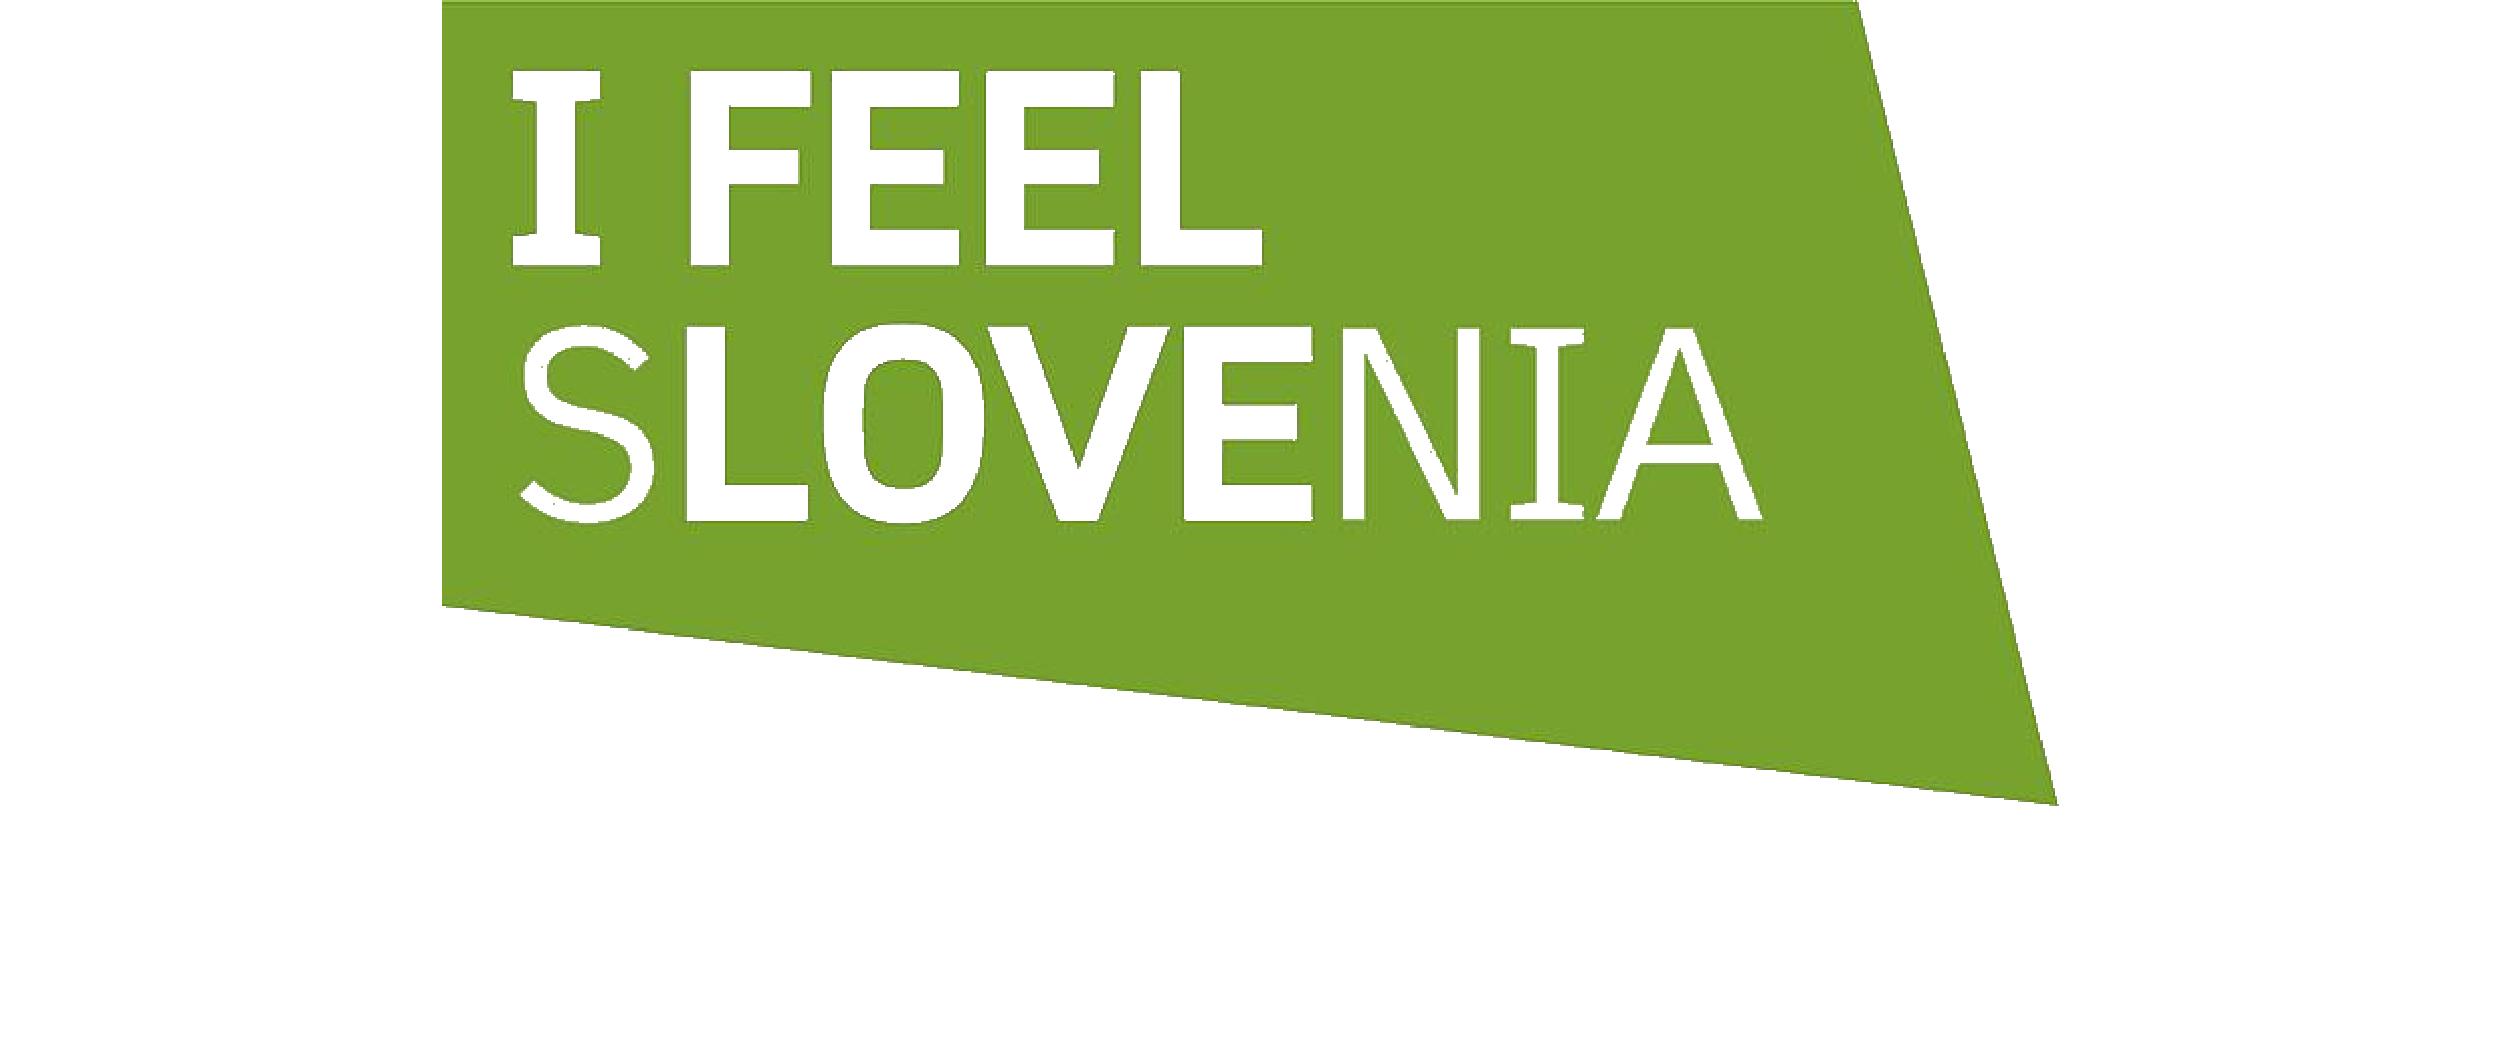 i-feel-slovenia-01